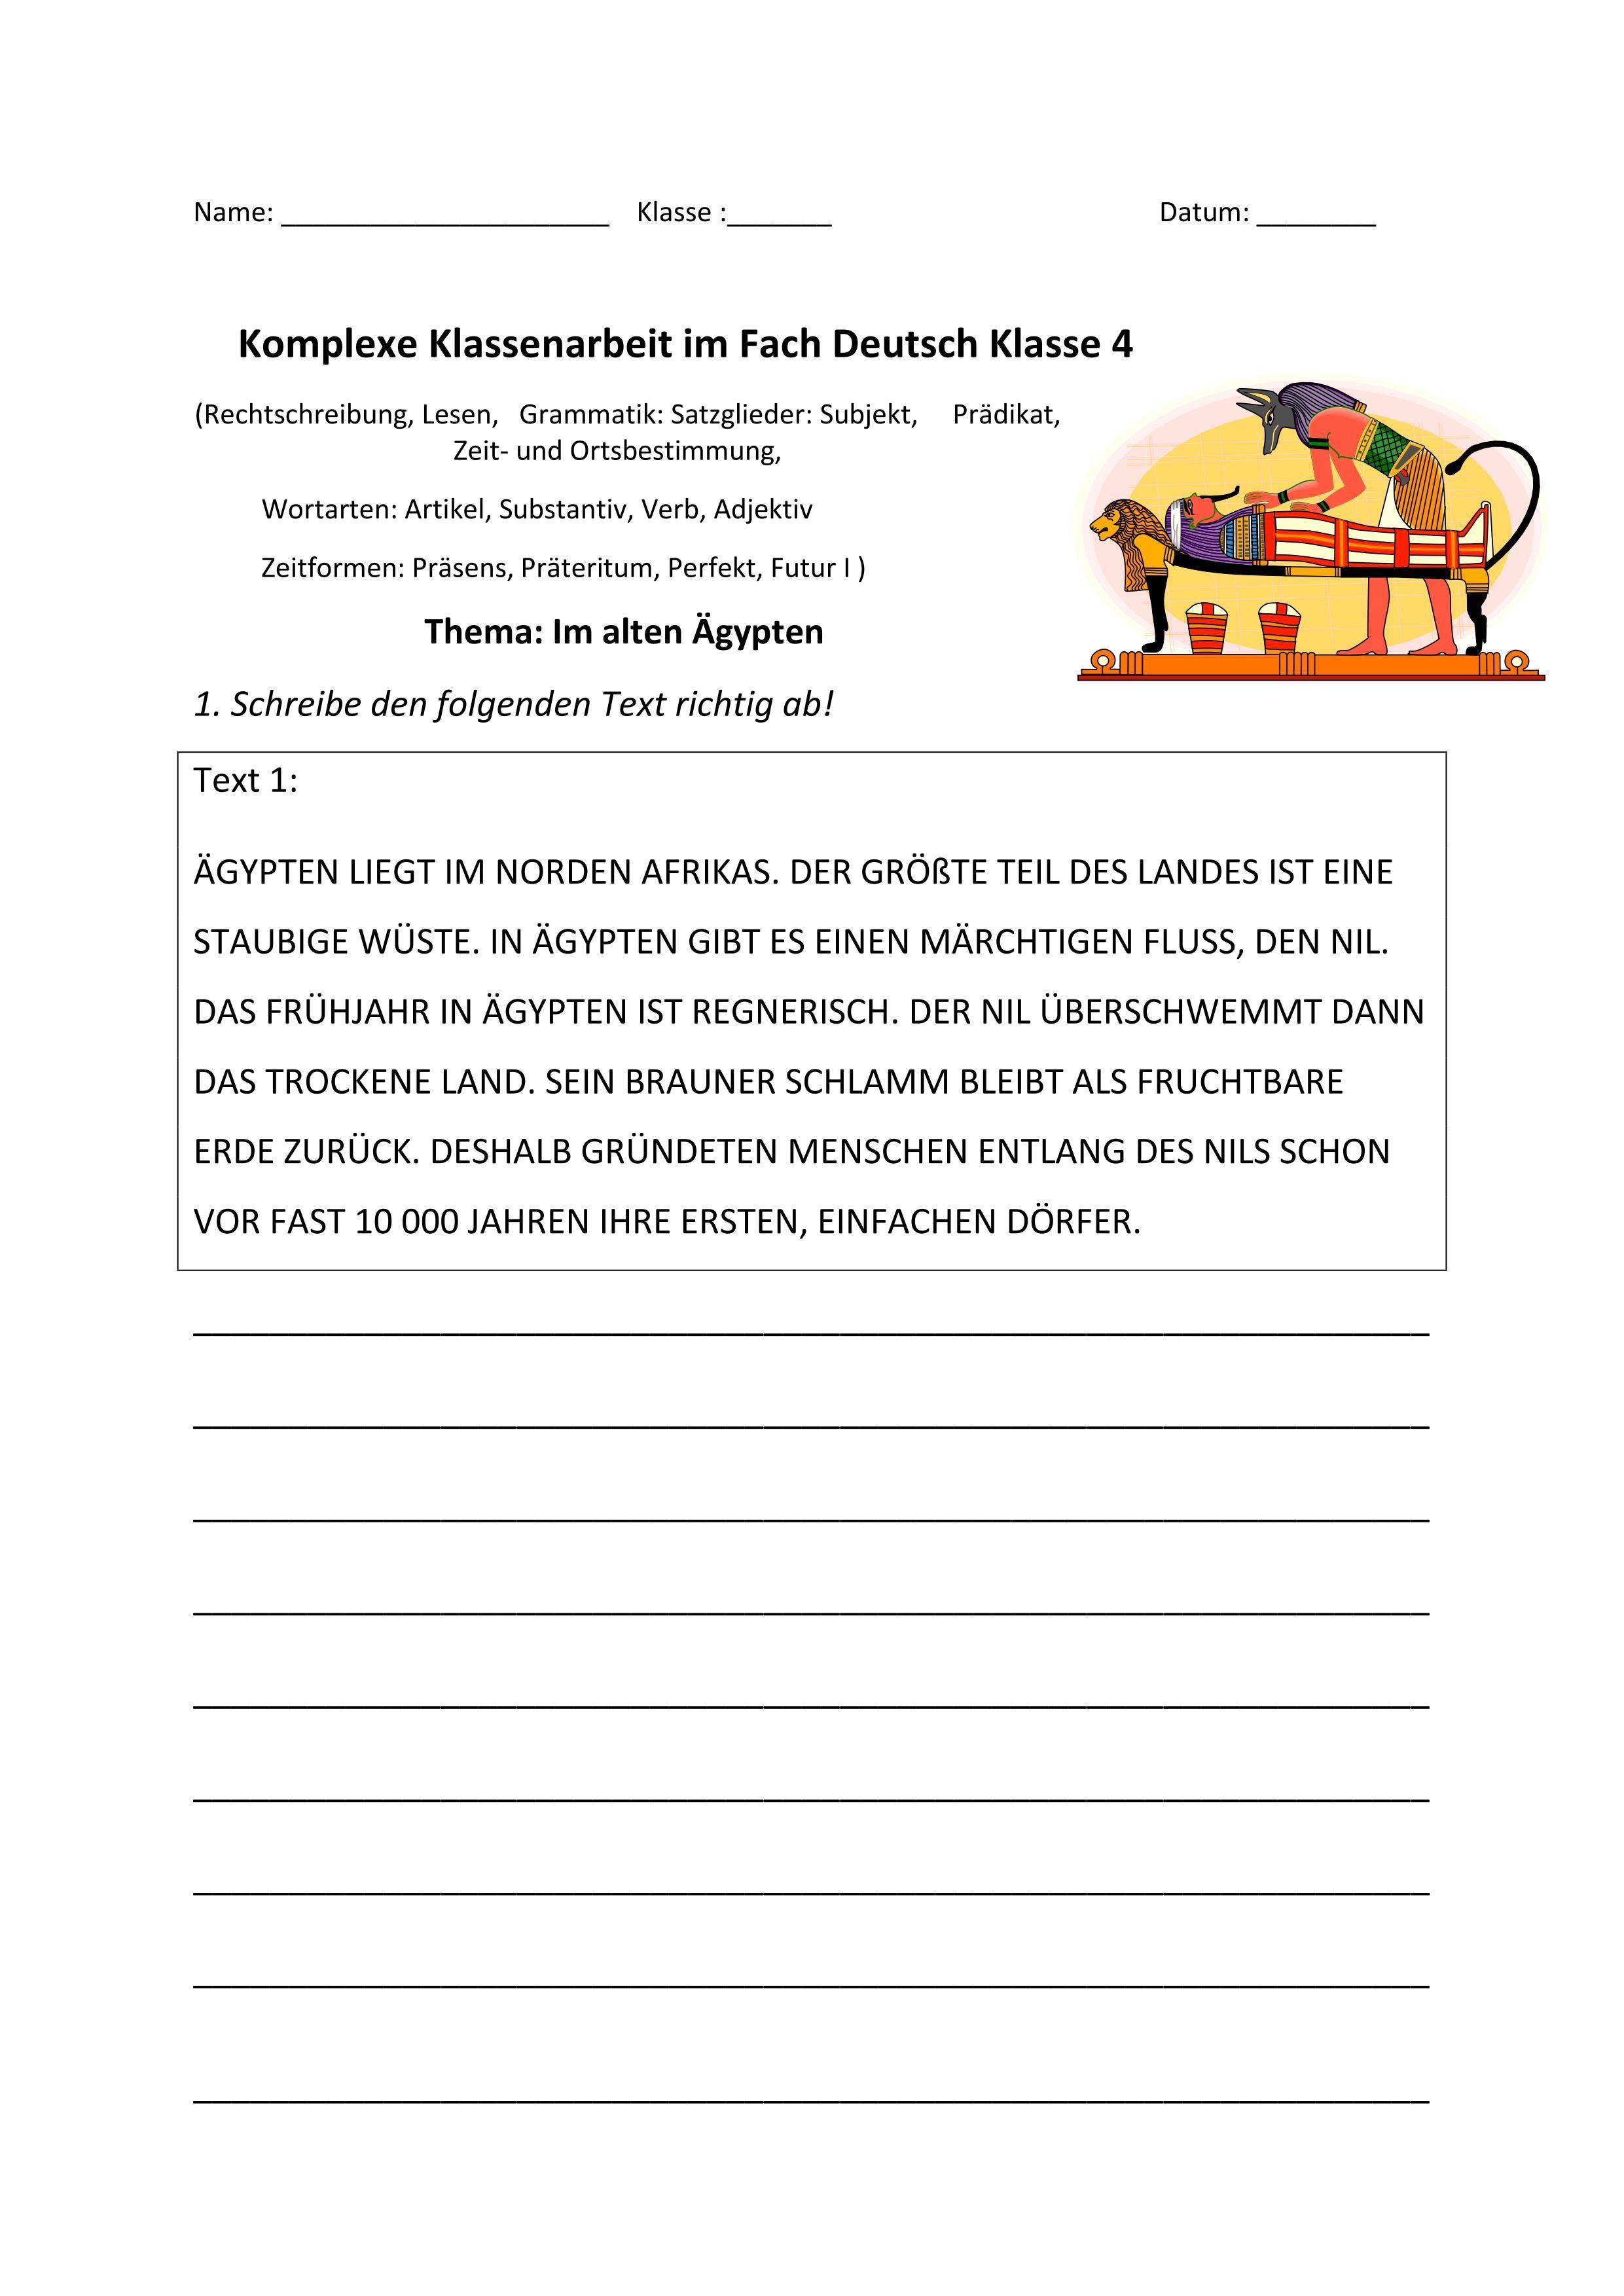 Komplexe Klassenarbeit Deutsch Thema Altes Agypten In 2020 Klassenarbeiten Wortarten Erste Klasse